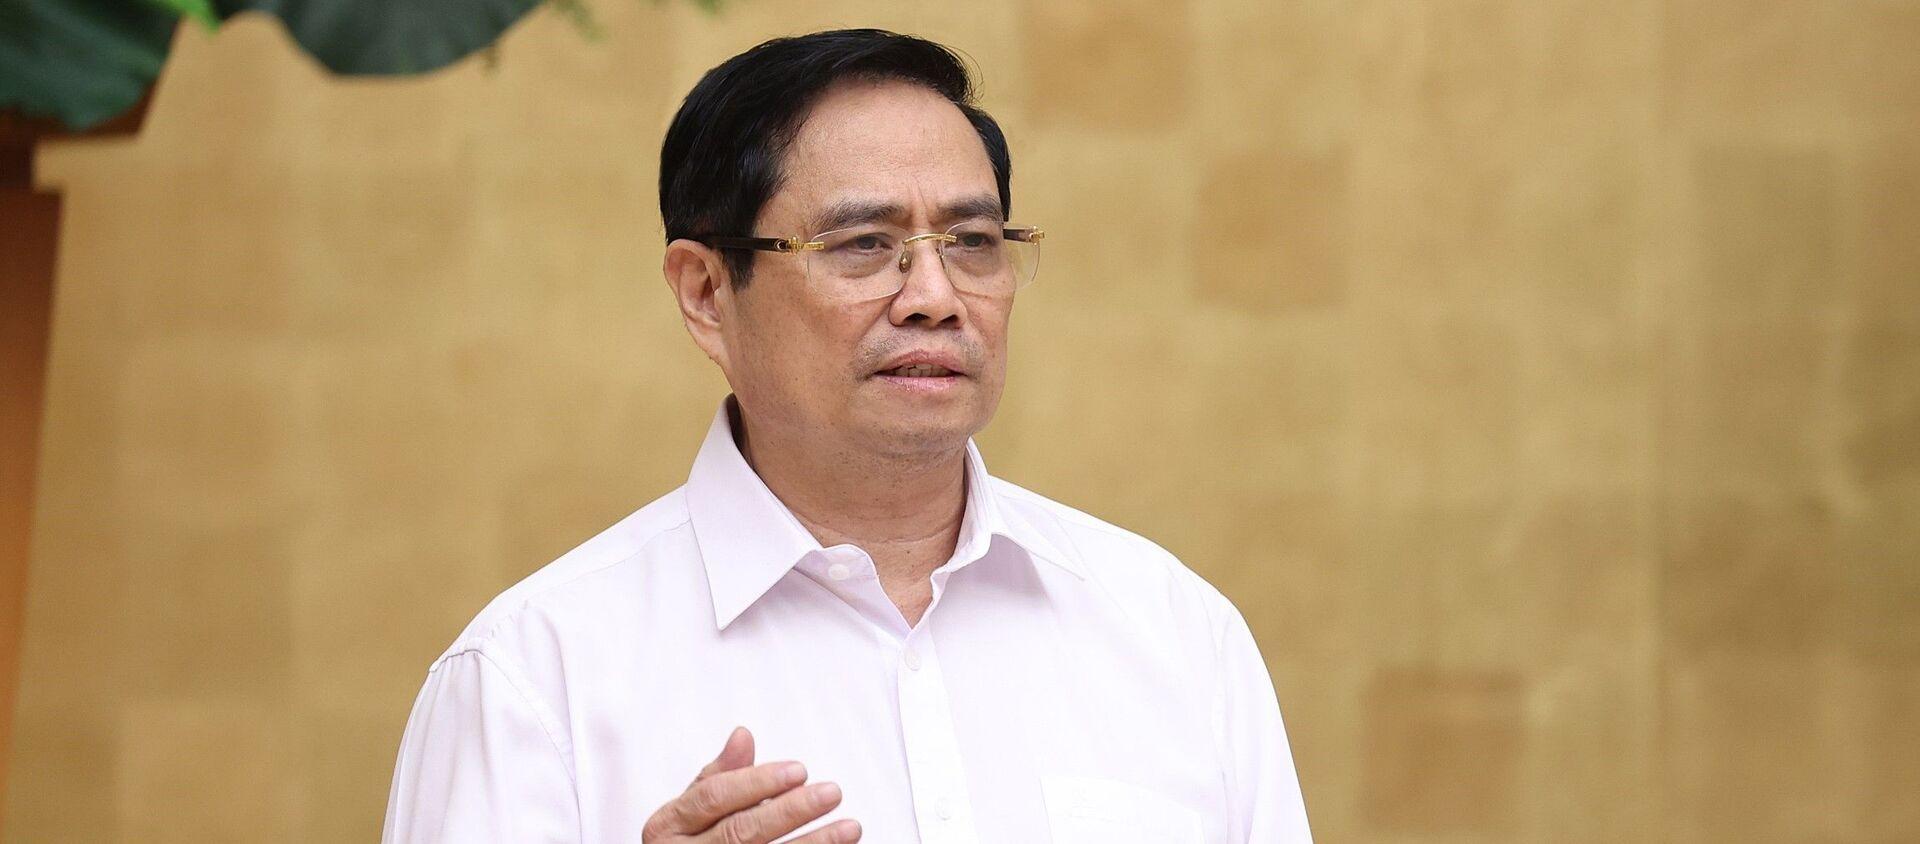 Thủ tướng Phạm Minh Chính phát biểu kết luận cuộc họp - Sputnik Việt Nam, 1920, 04.07.2021